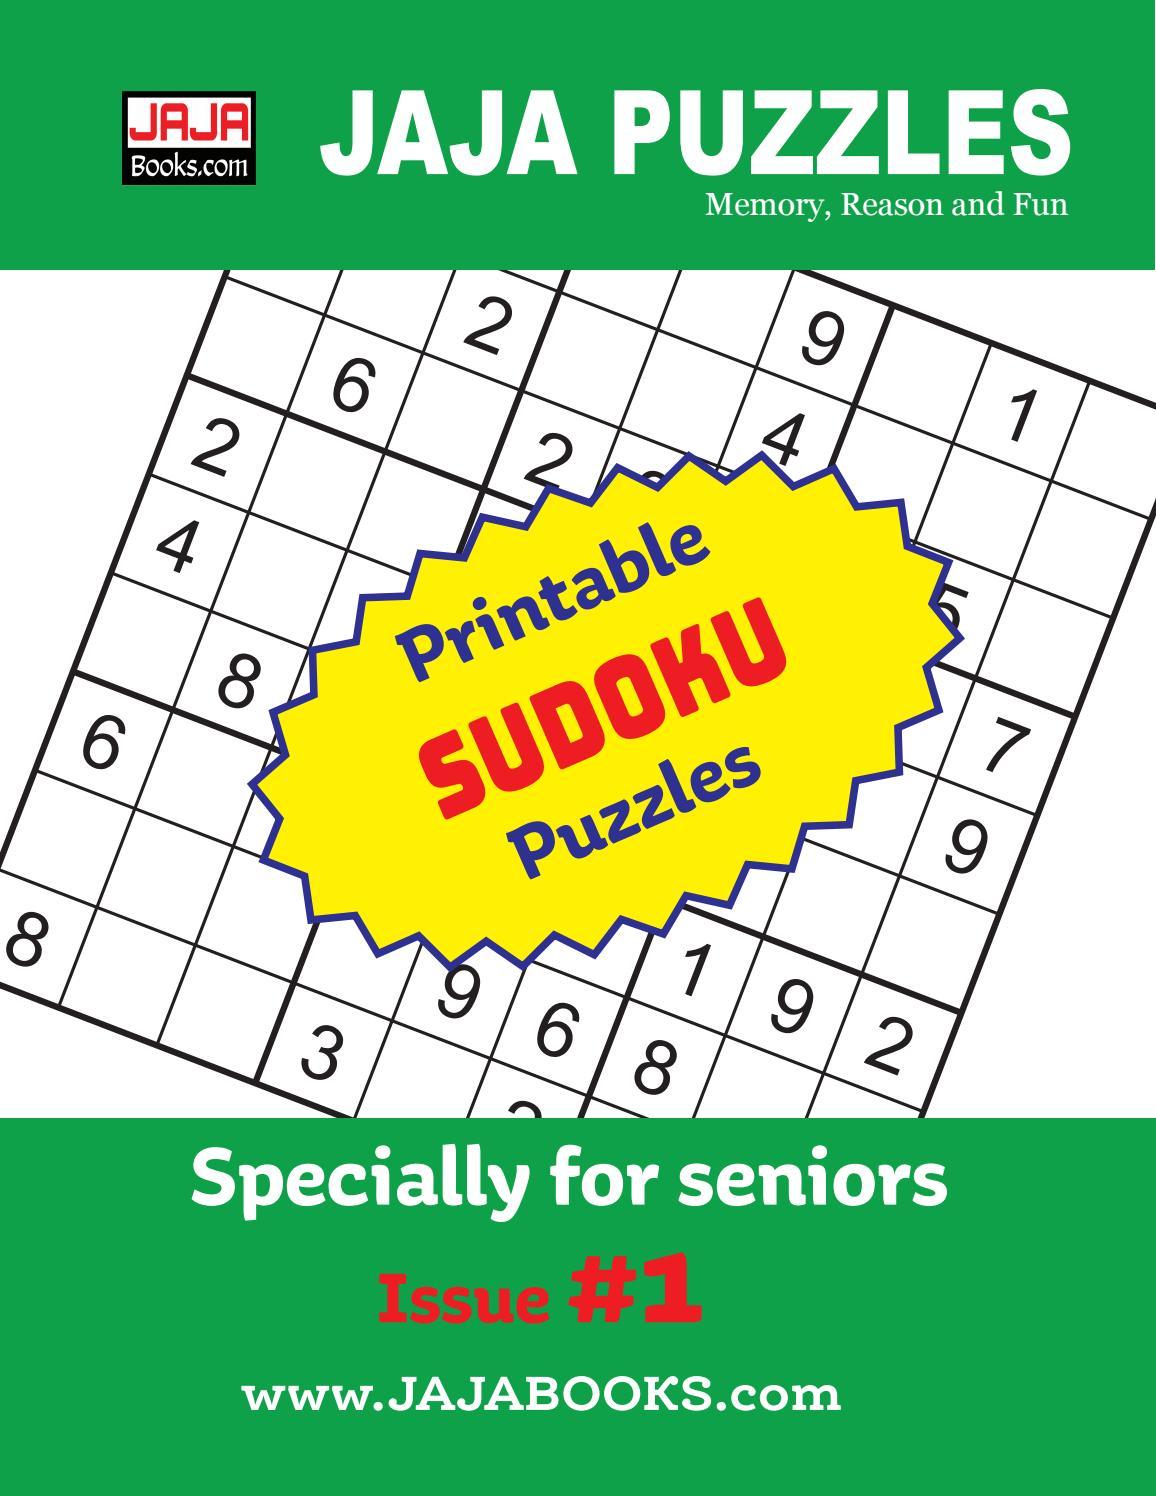 Printable Sudoku Puzzles. Issue #1Jaja Books - Issuu